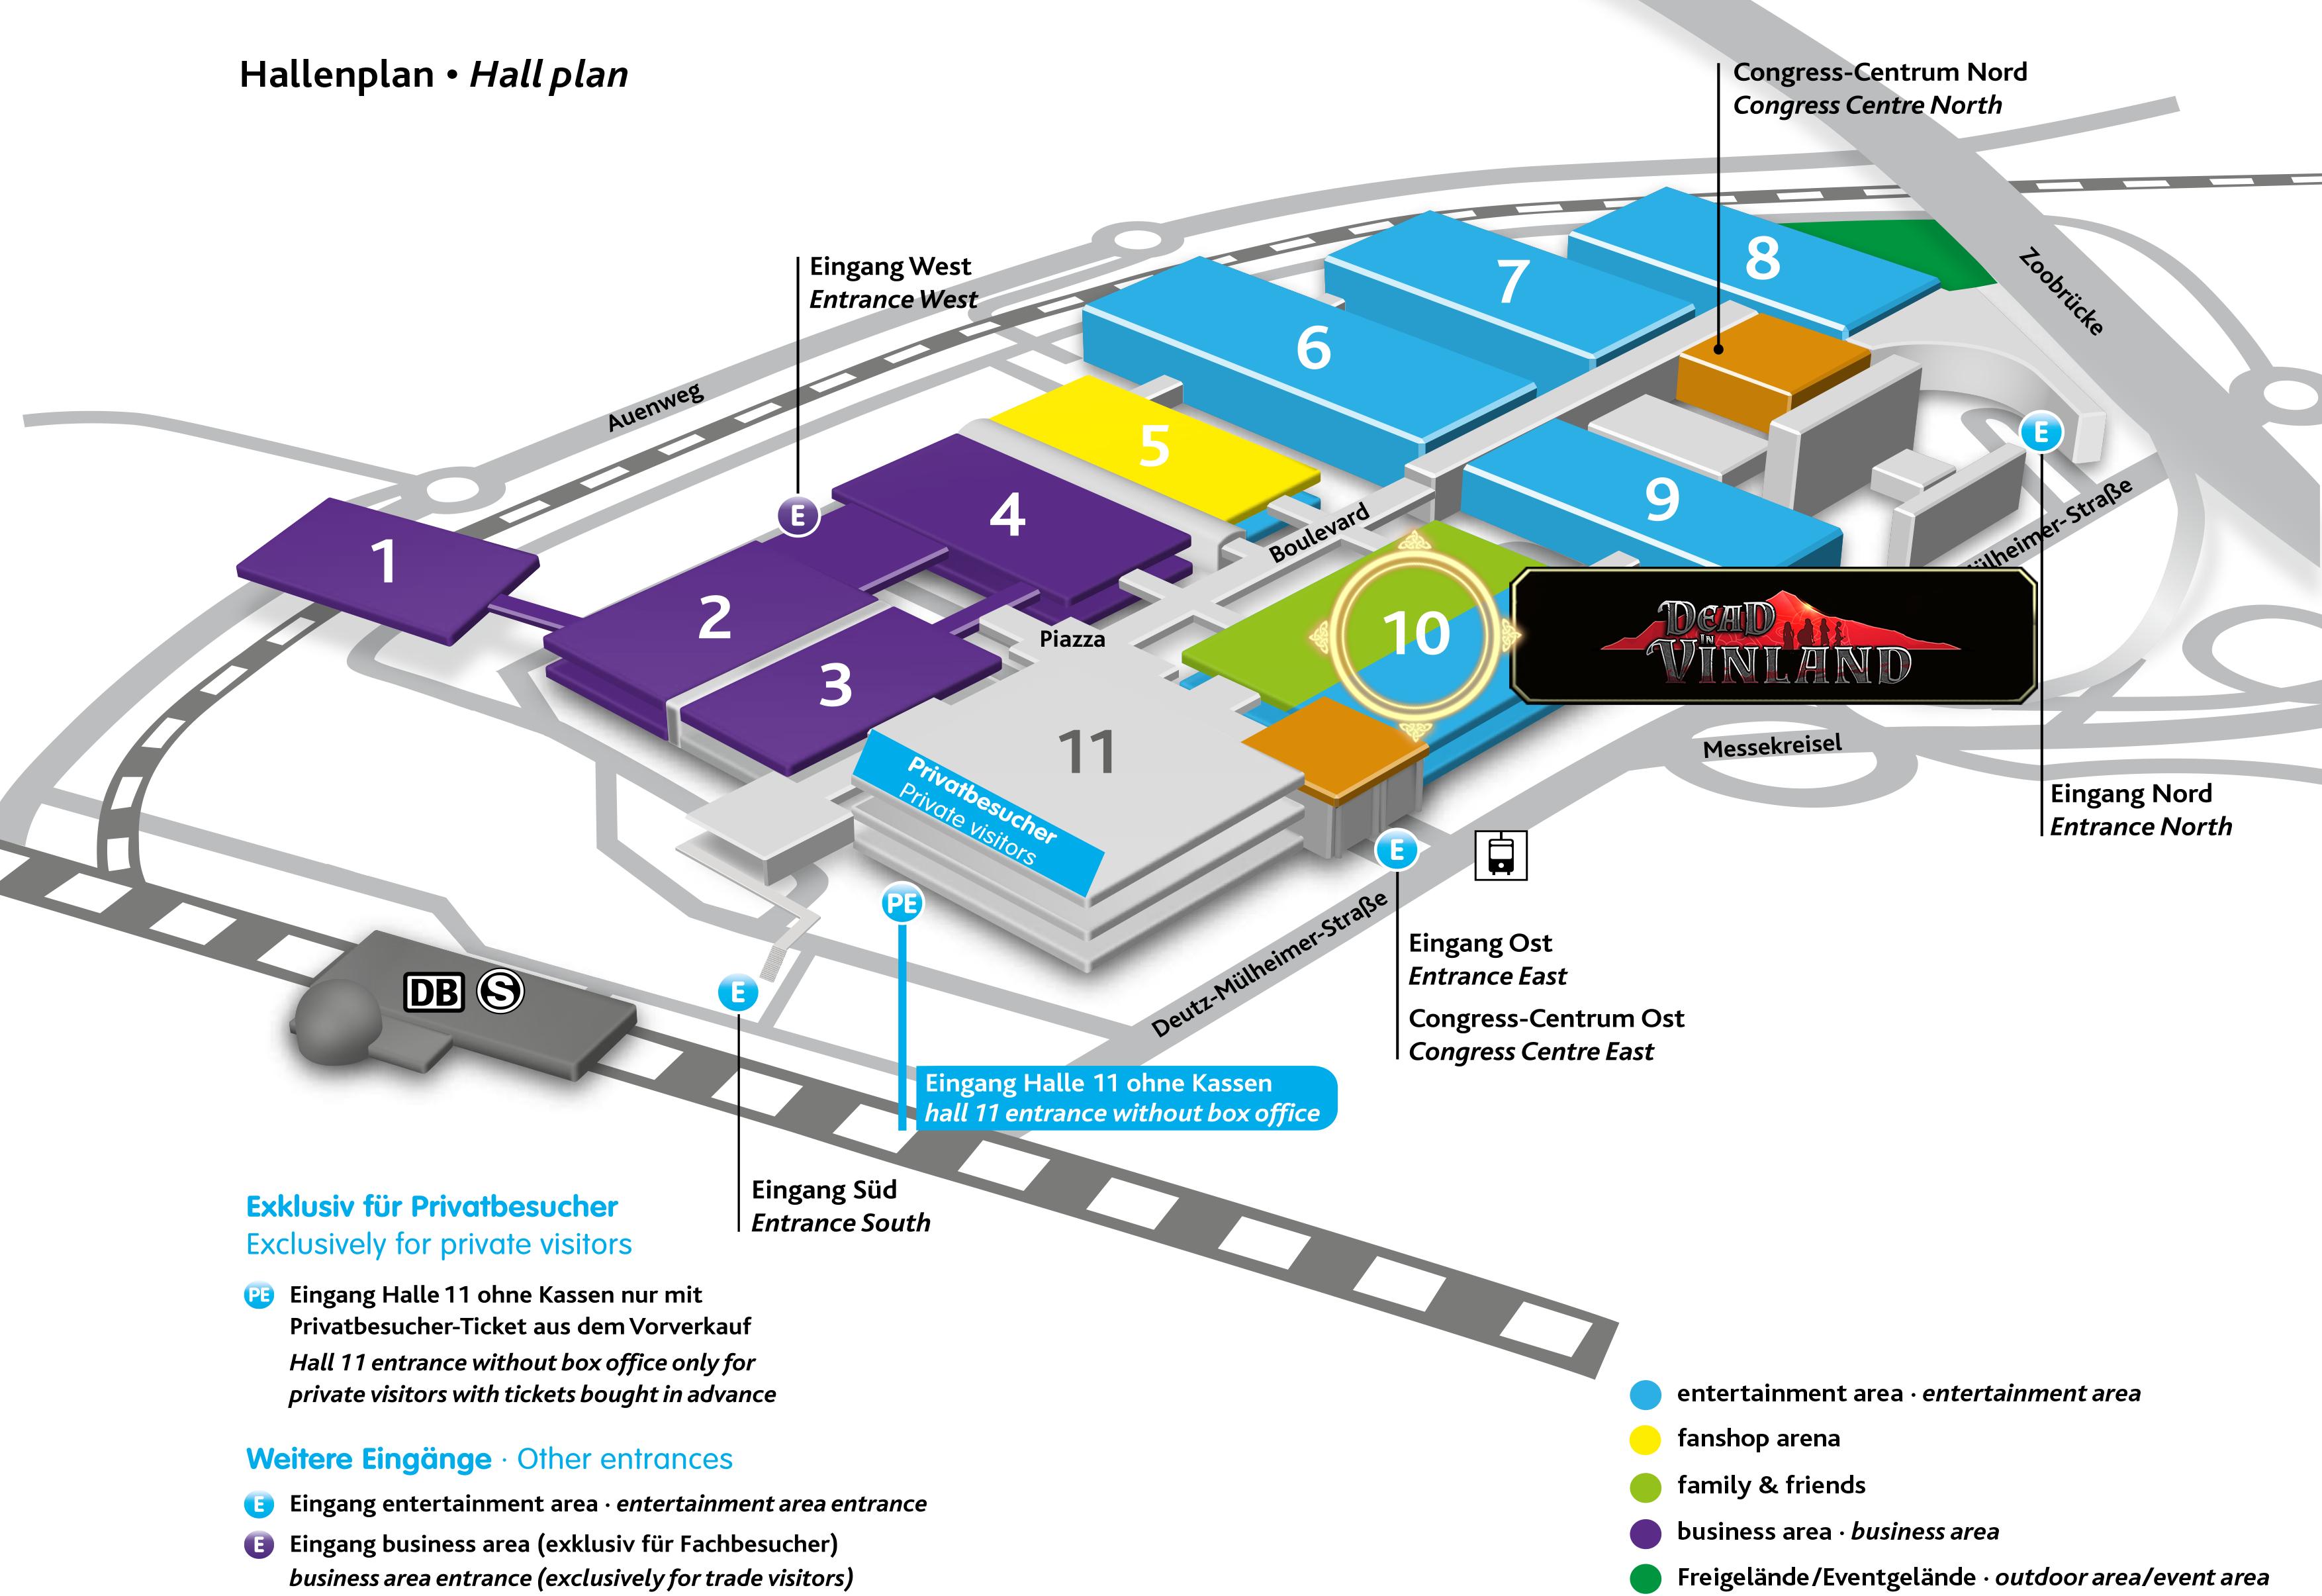 Hallenplan 2